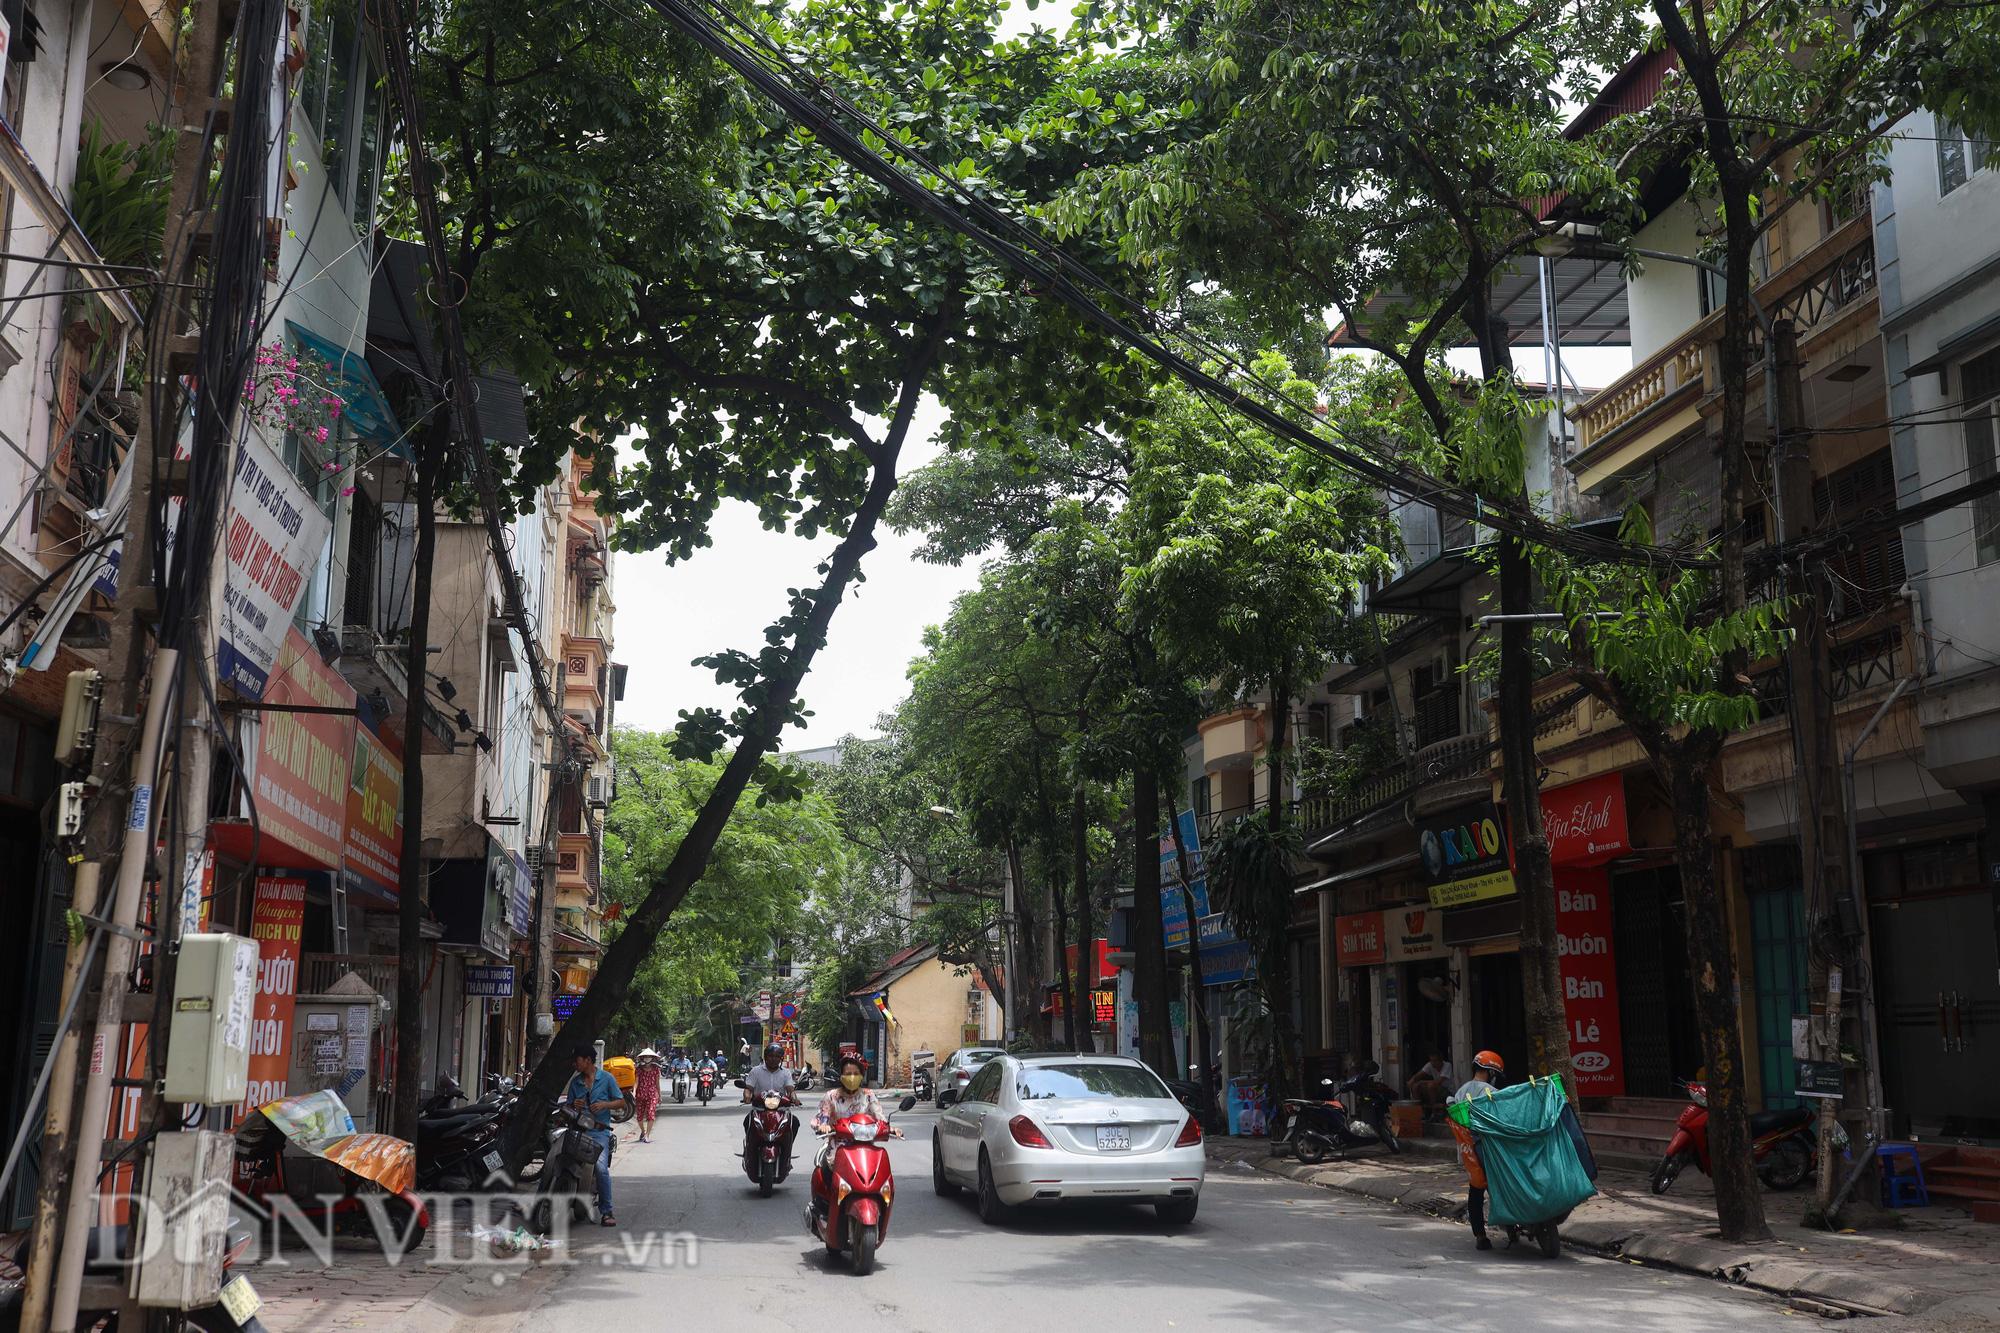 Ẩn hoạ đến từ những cây xanh chết khô trên đường phố Hà Nội - Ảnh 15.